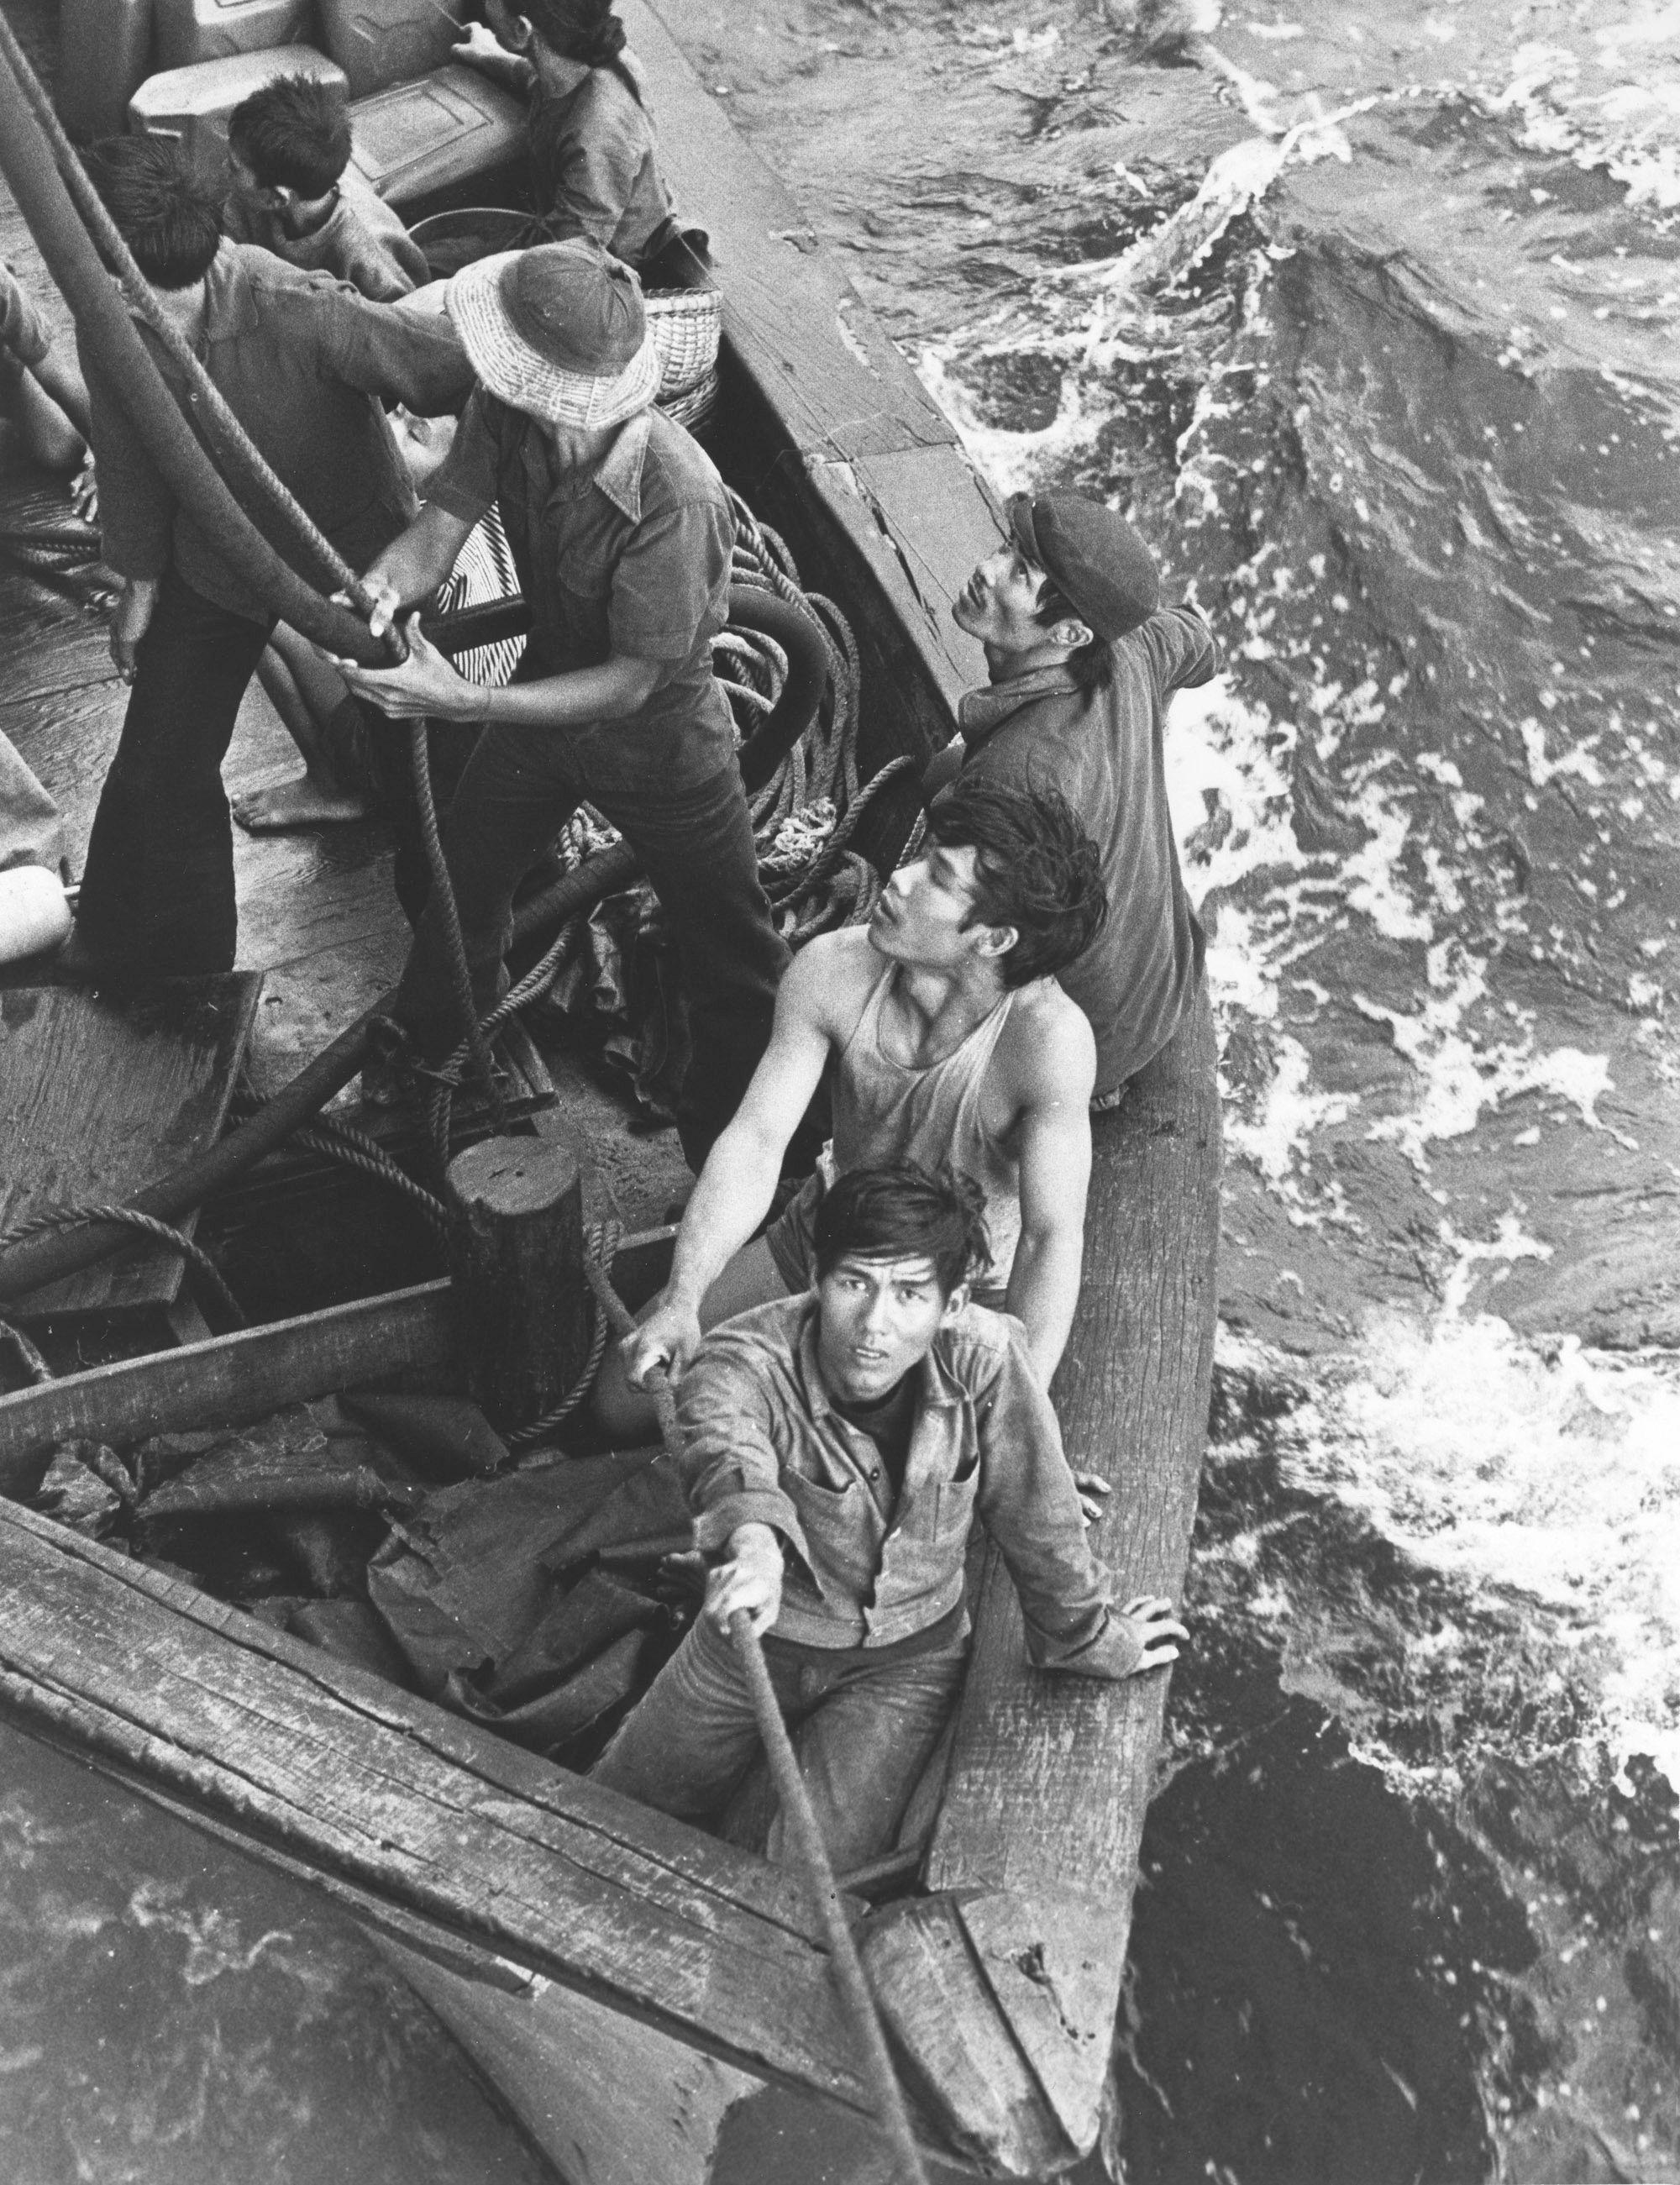 La France a secouru les boat-people fuyant le régime communiste vietnamien en 1979.